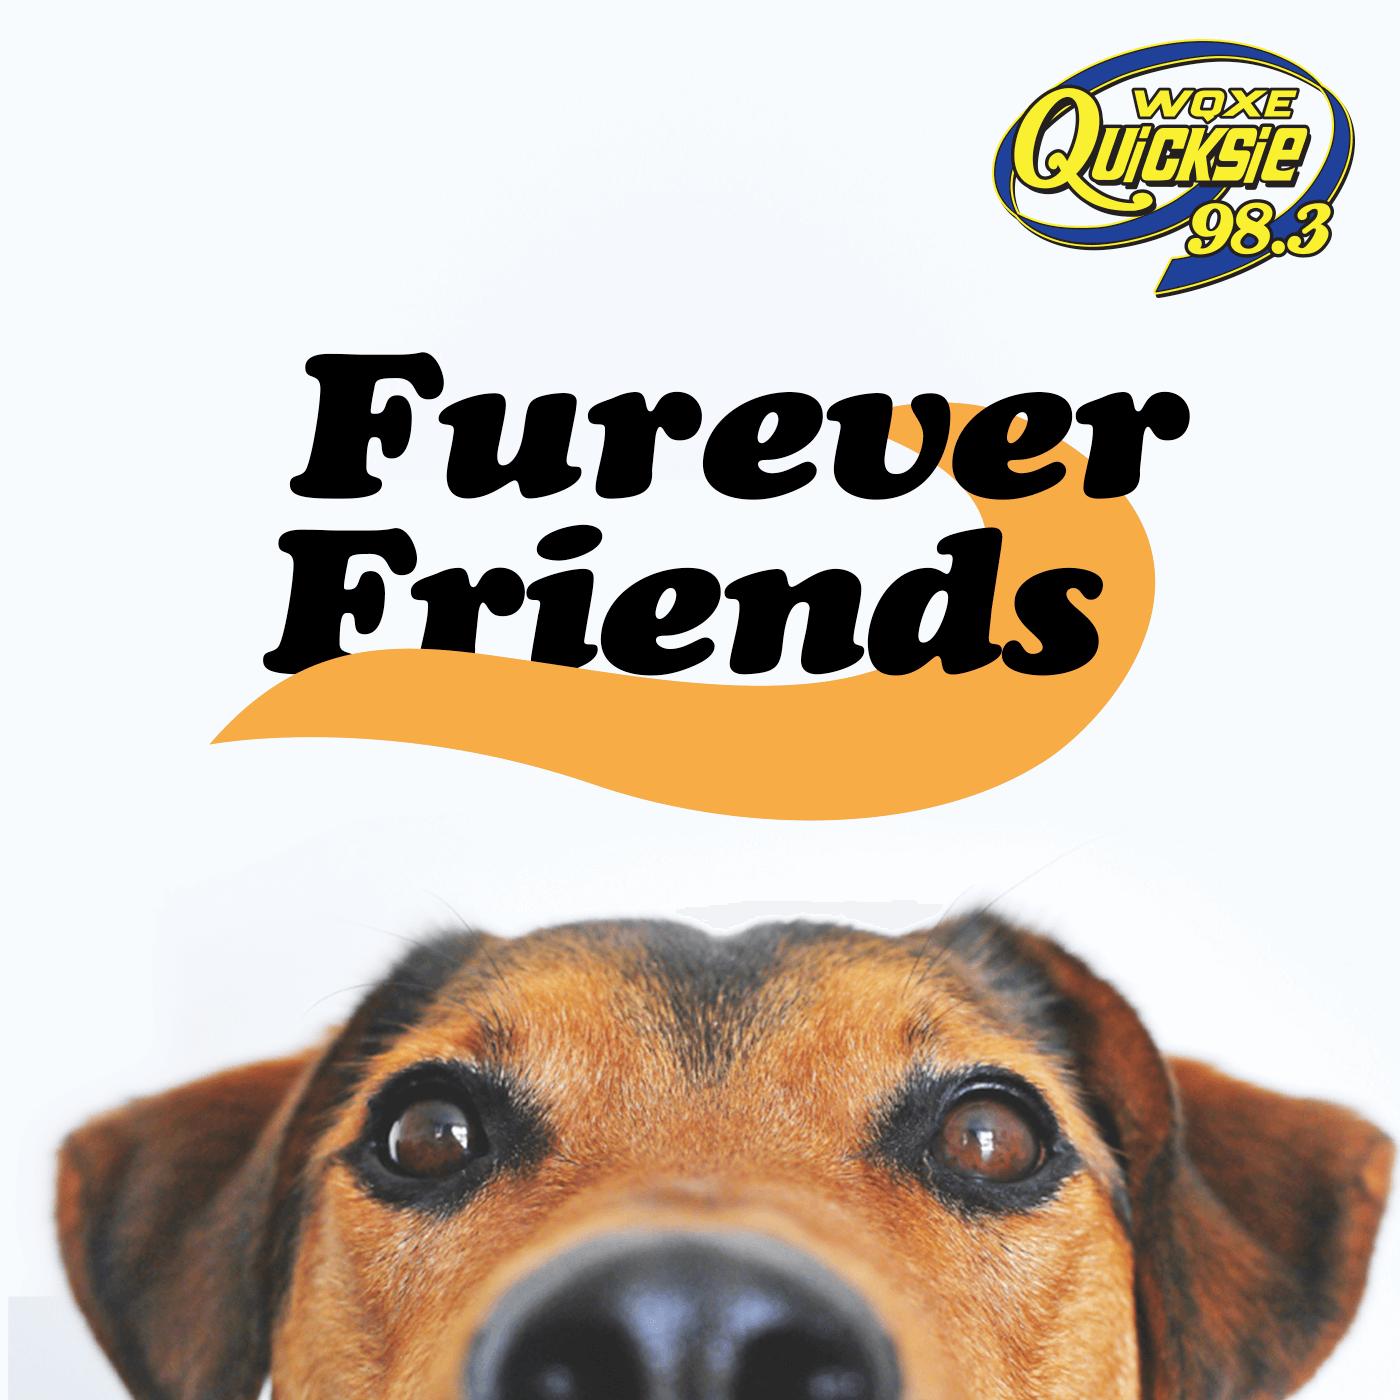 Furever Friends – Quicksie 98.3